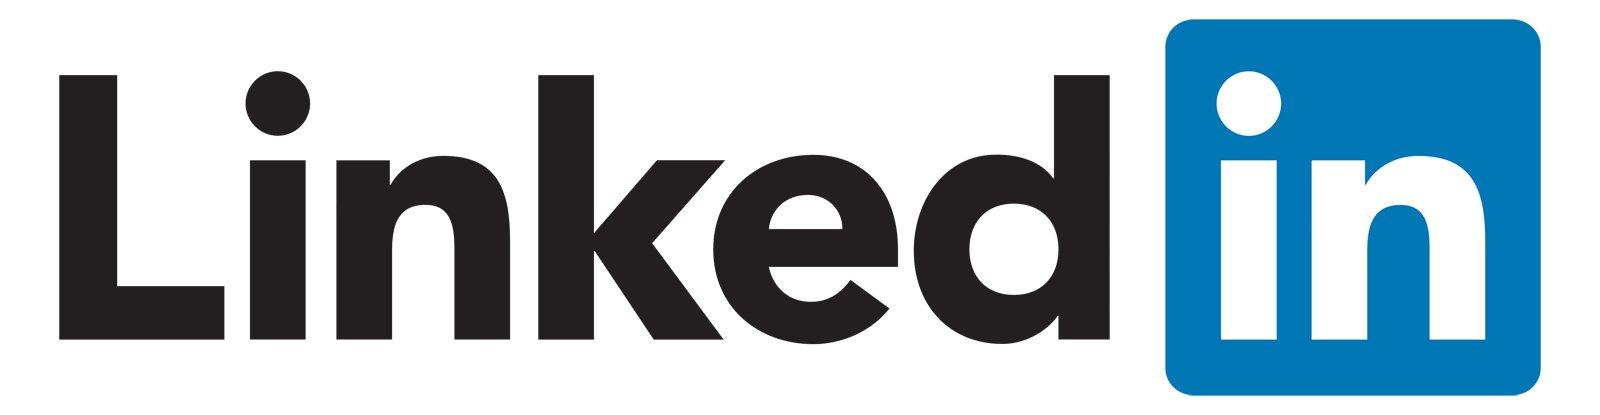 Police Logo LinkedIn